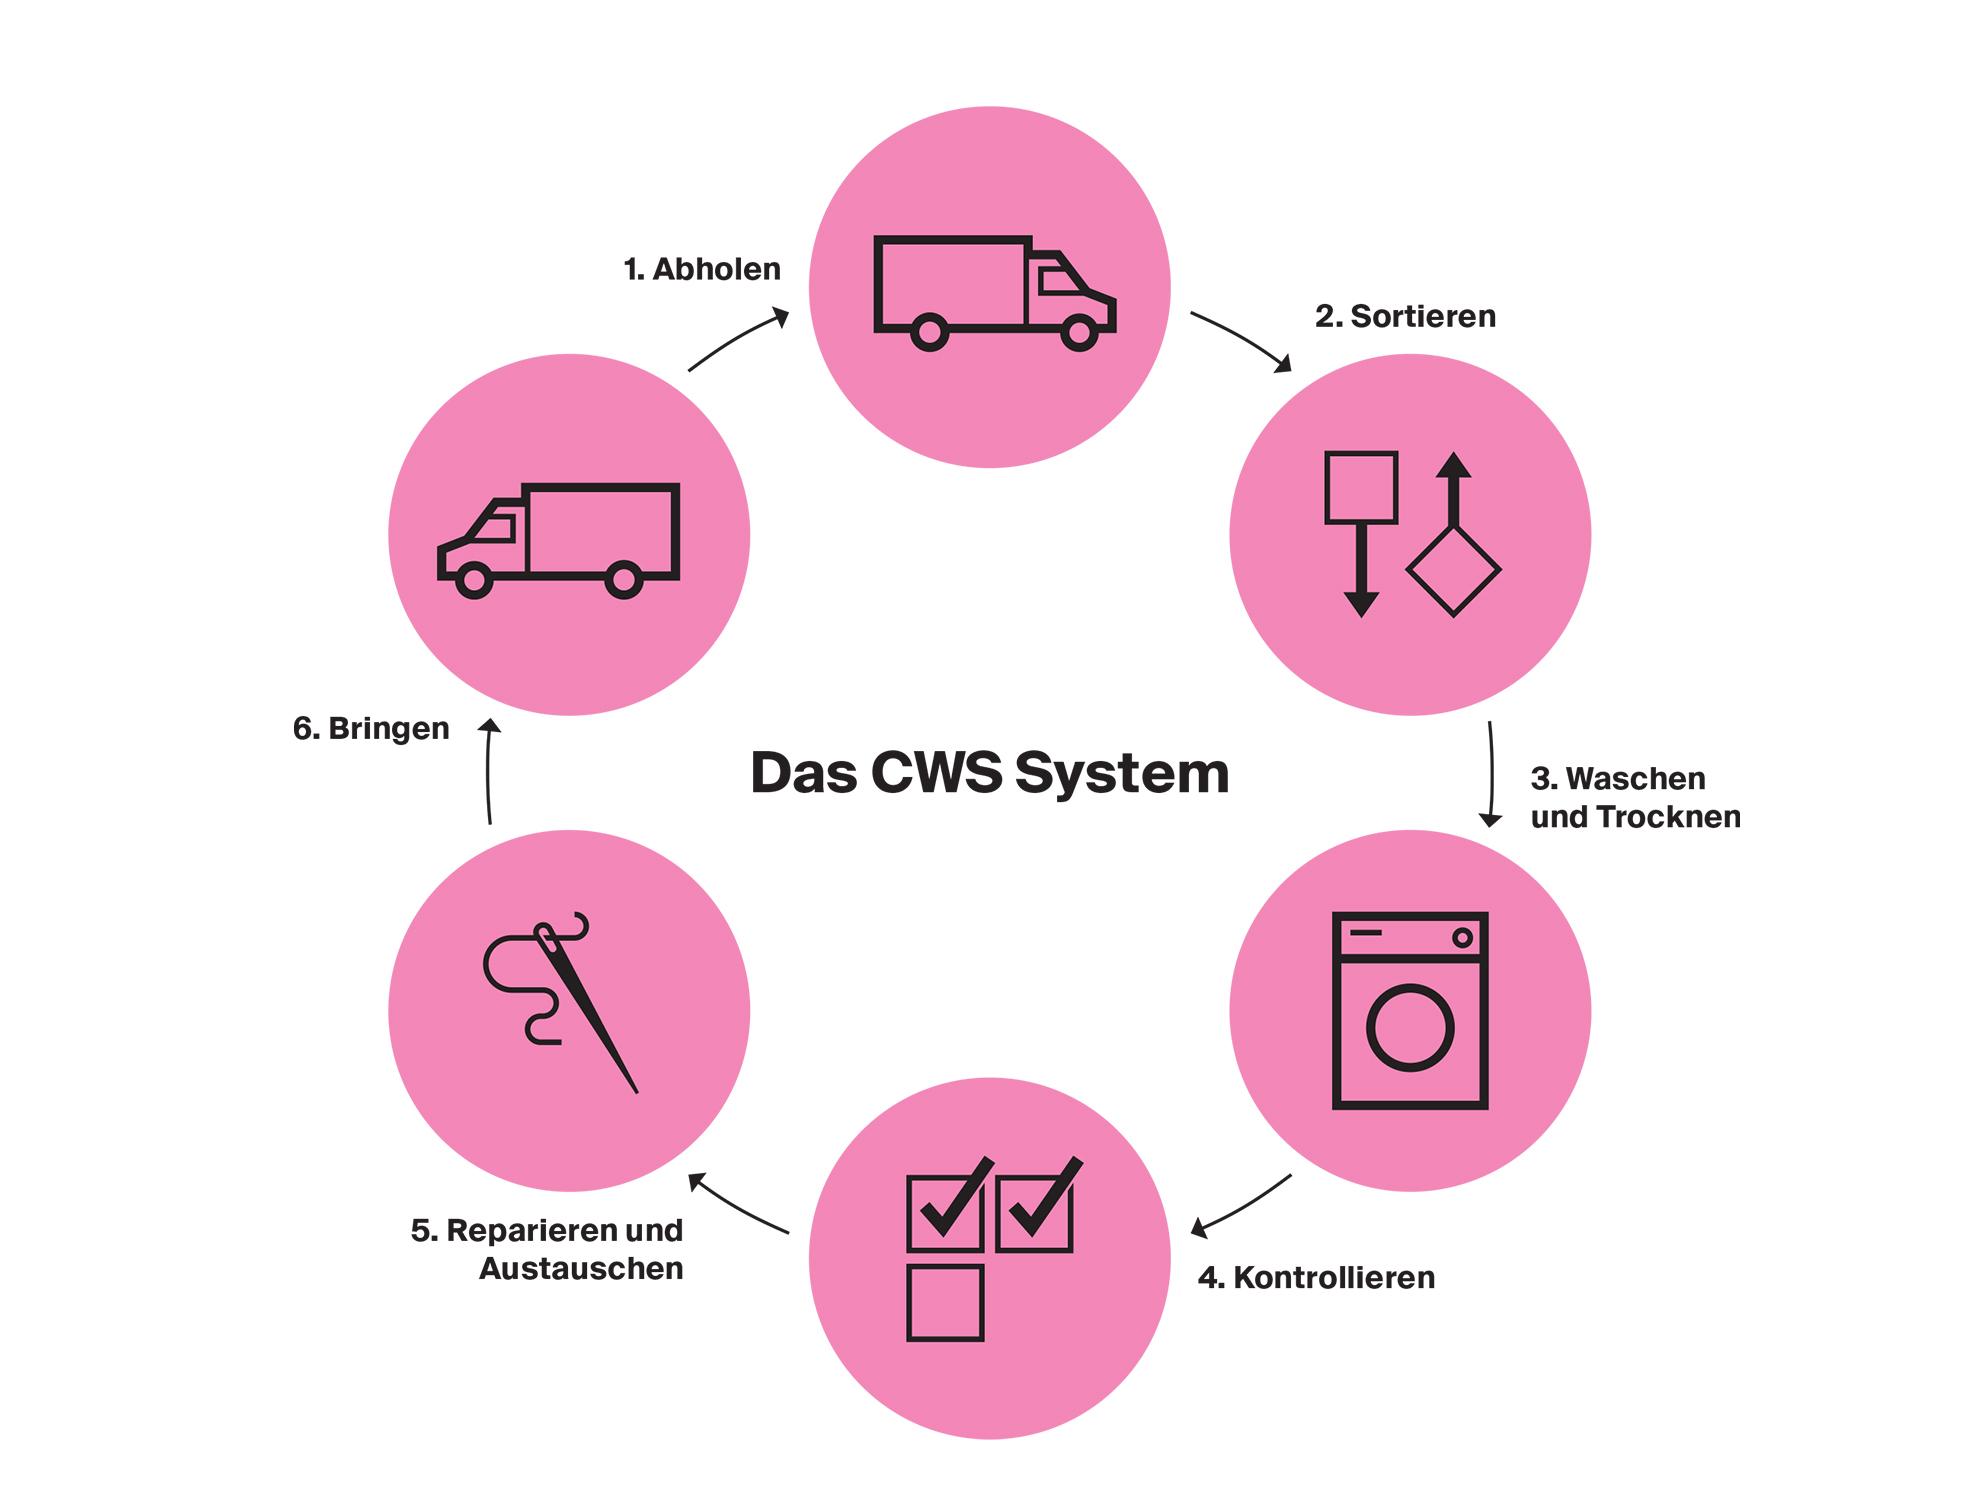 Das CWS System